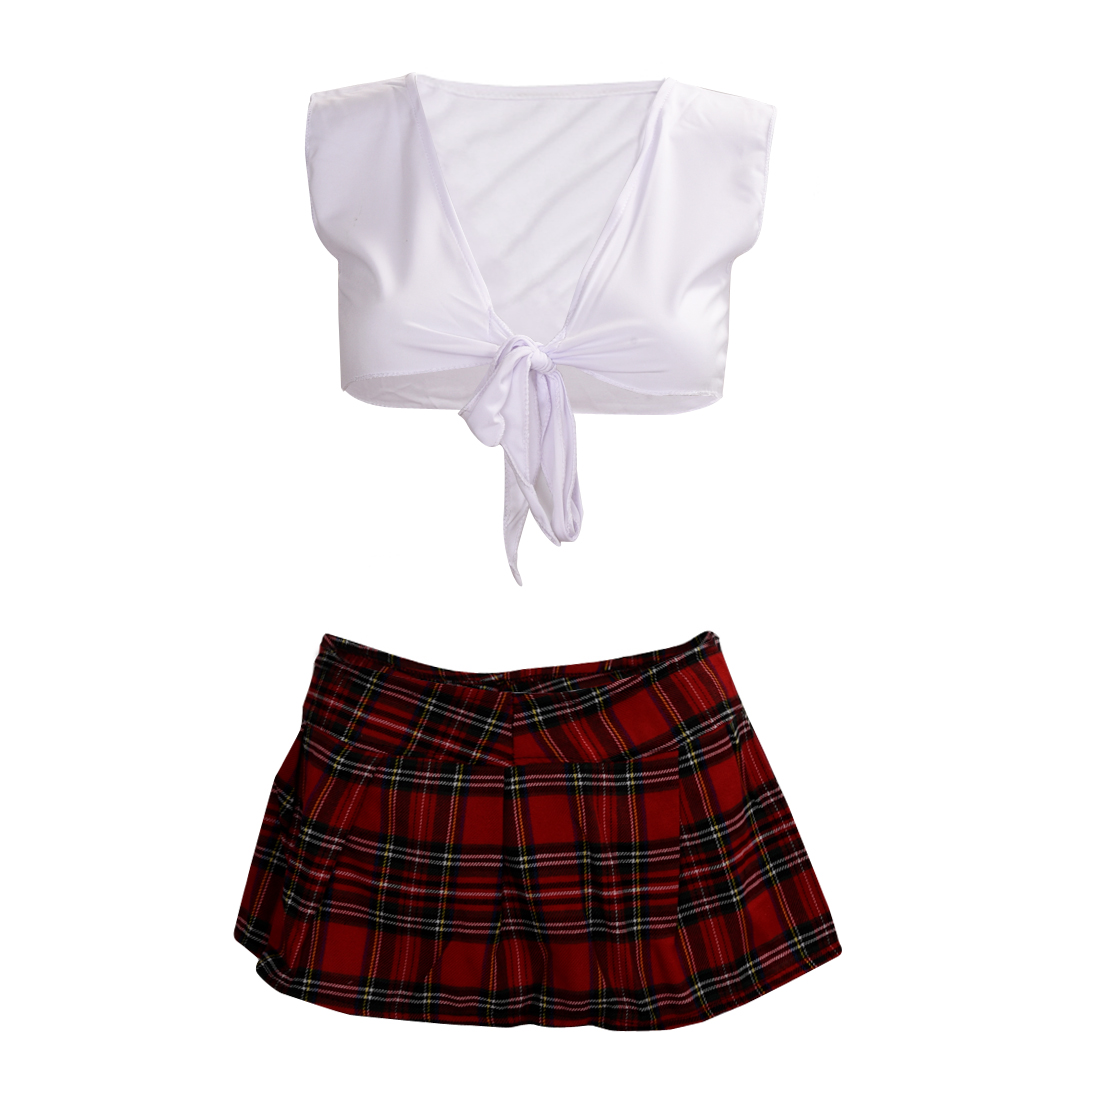 TFG Blanc avec Rouge École sexy lingerie Jeu uniforme Étudiant japonais kimono filles Maid Costumes érotique vêtements pyjamas Charme